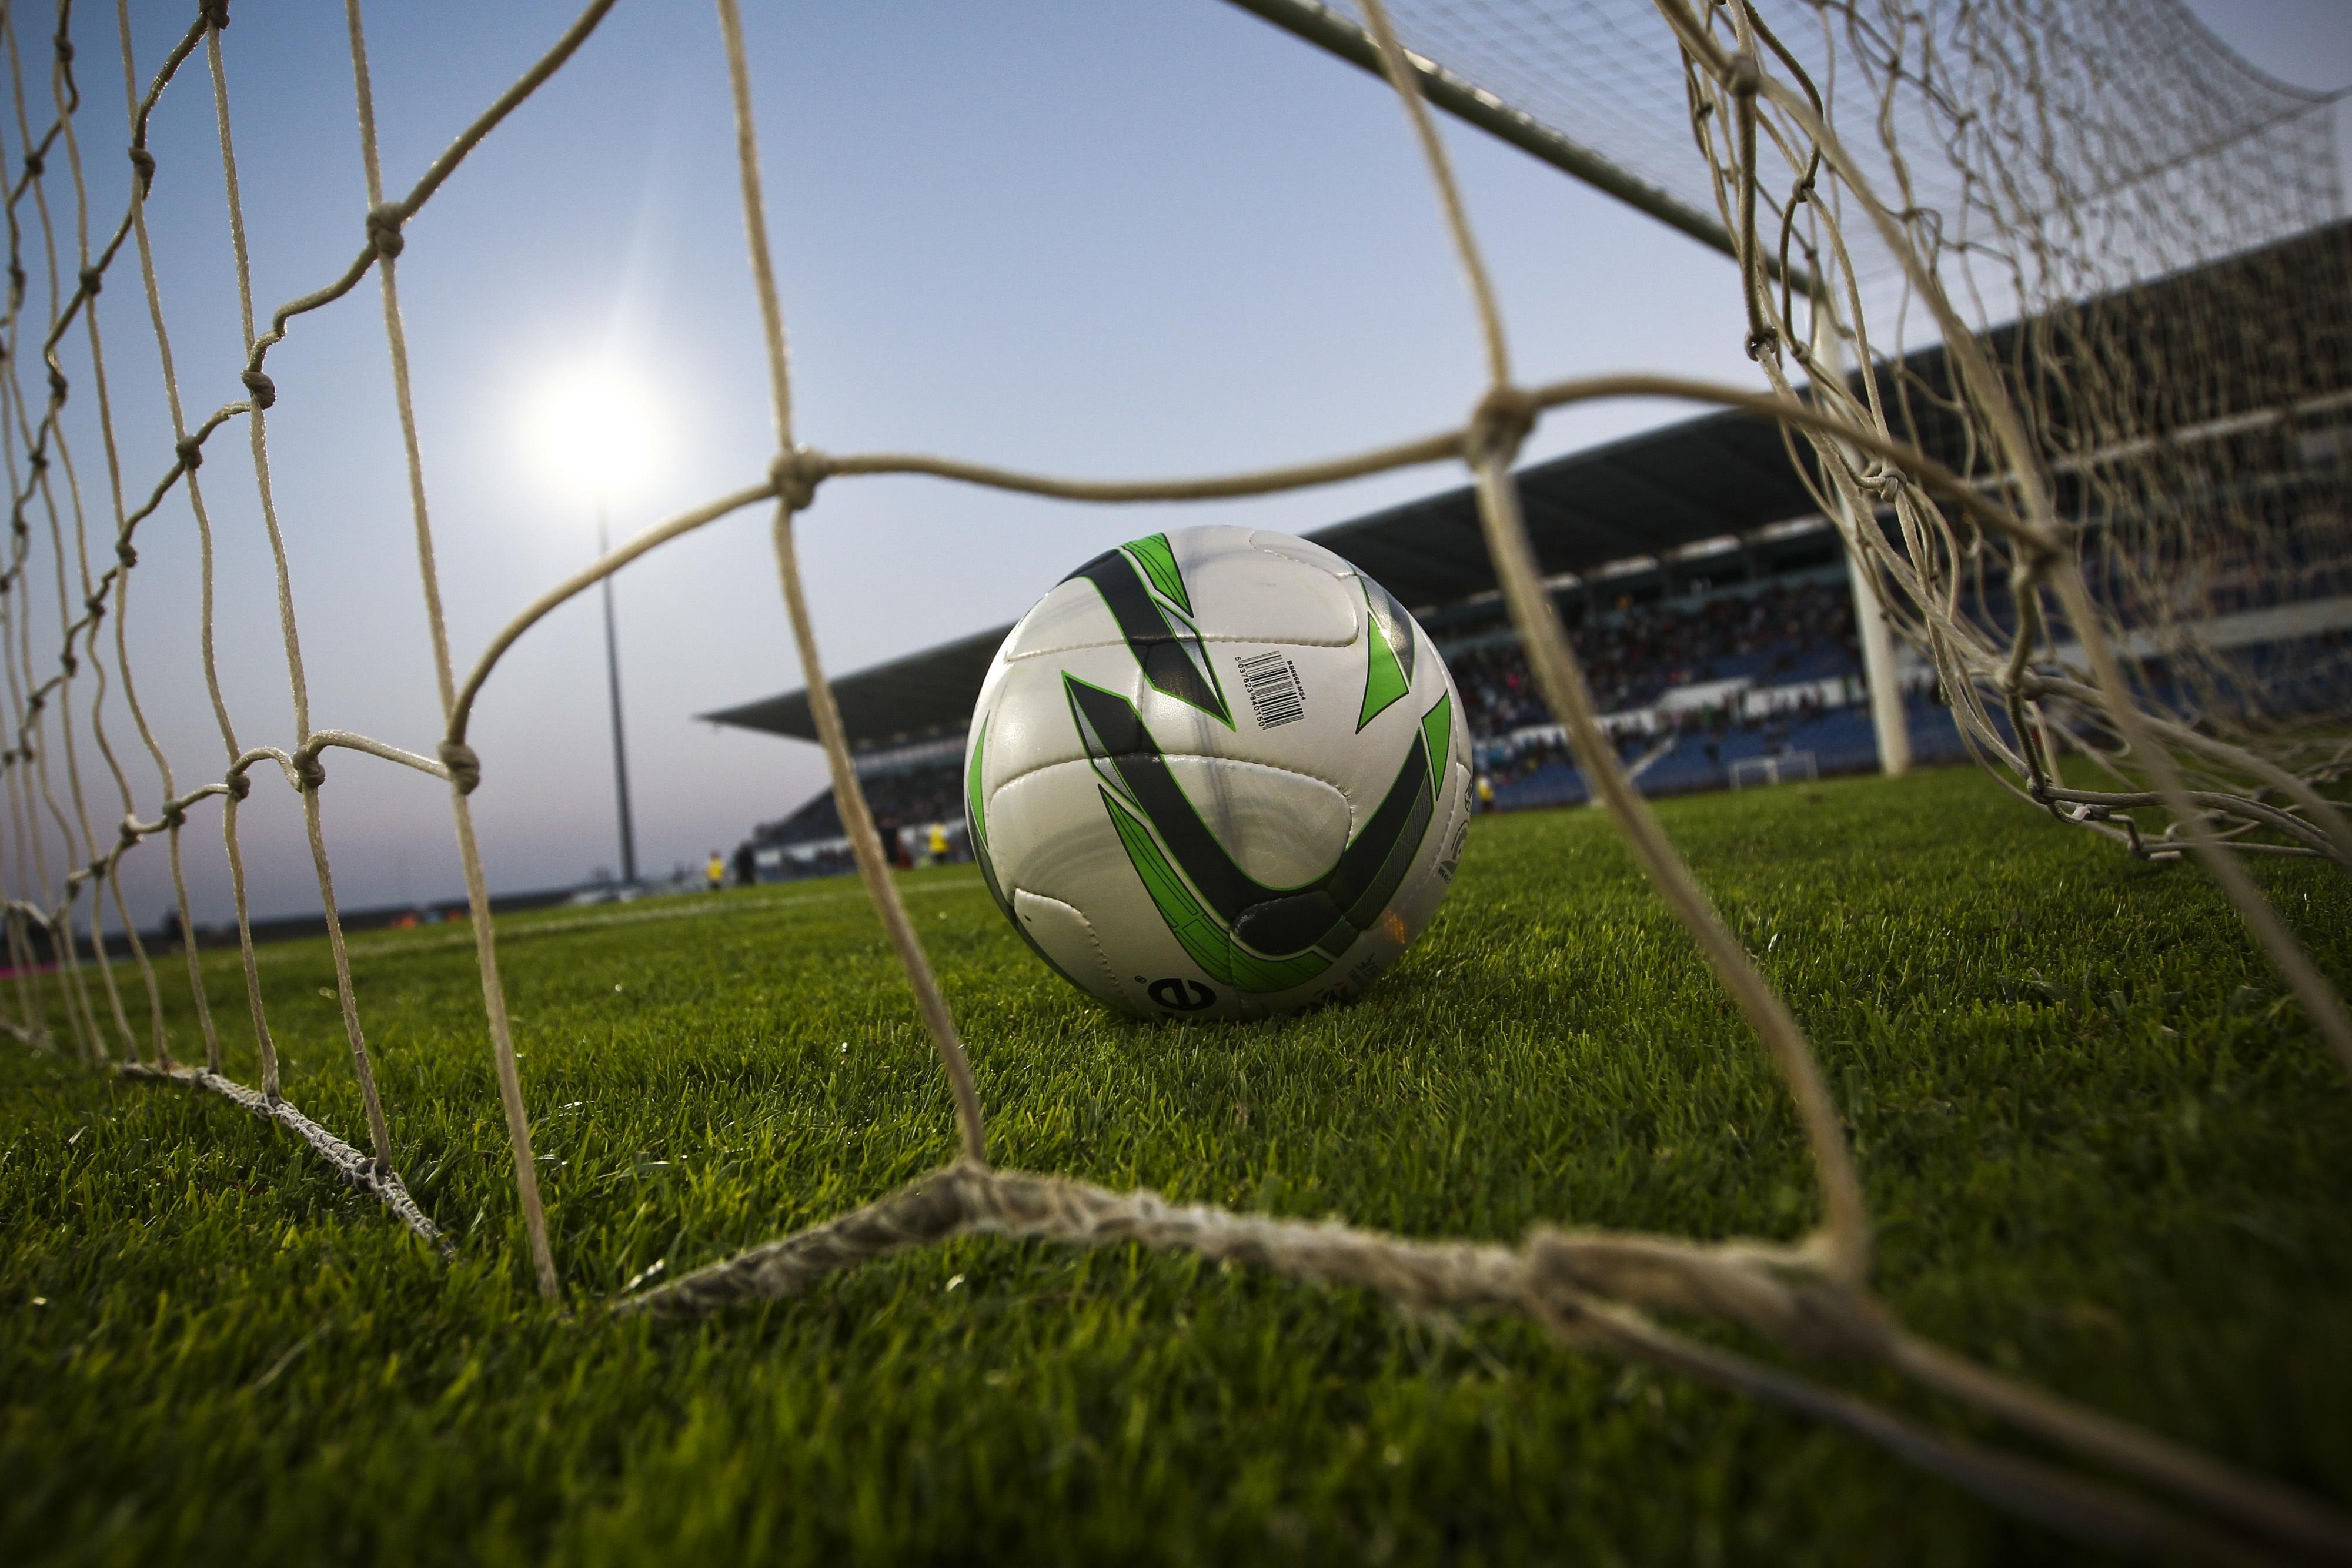 Adepto do Espanyol detido por insultos a Adama Traoré no jogo frente ao Wolverhampton